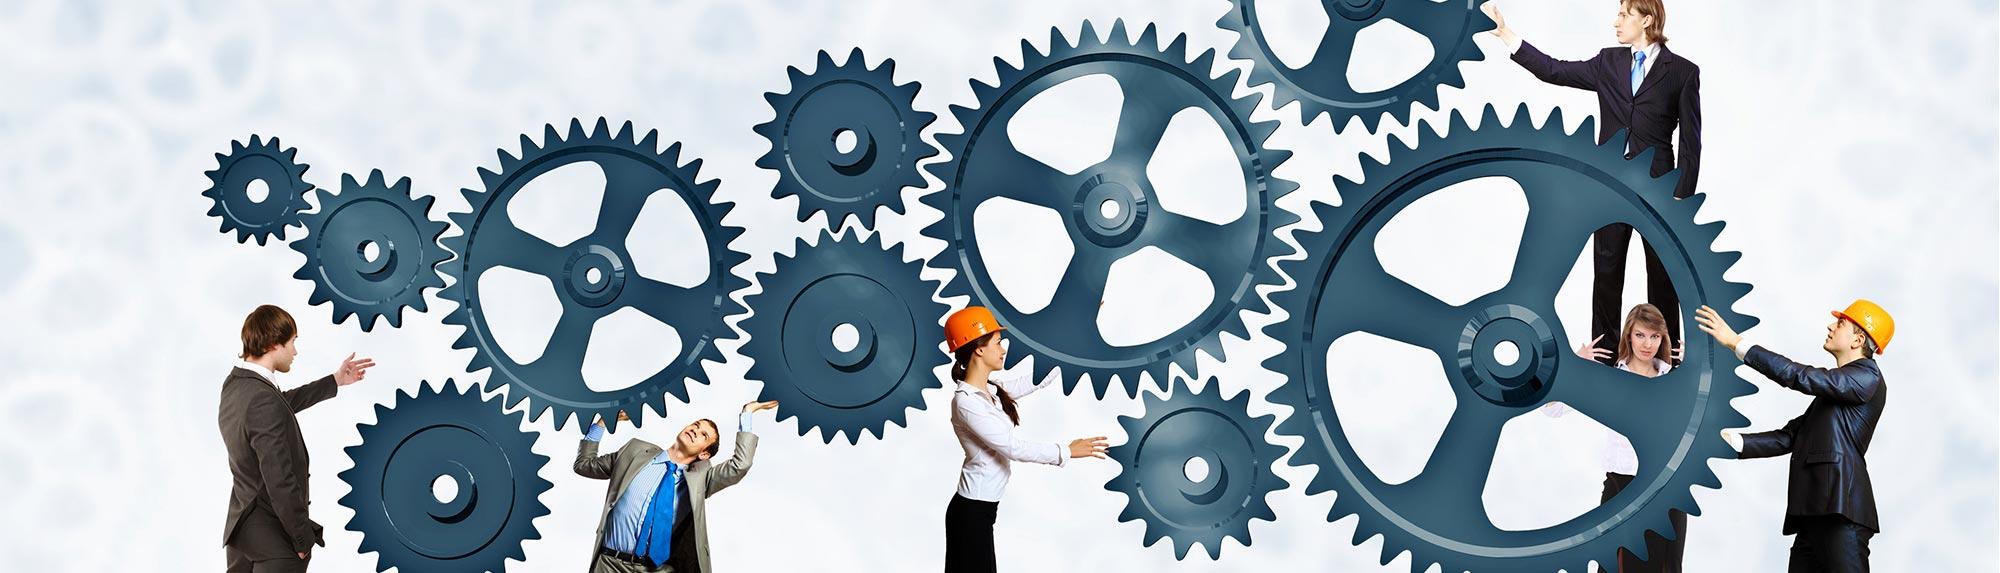 MES manifacturing execution system migliorare produzione e produttività alessandria milano torino genova